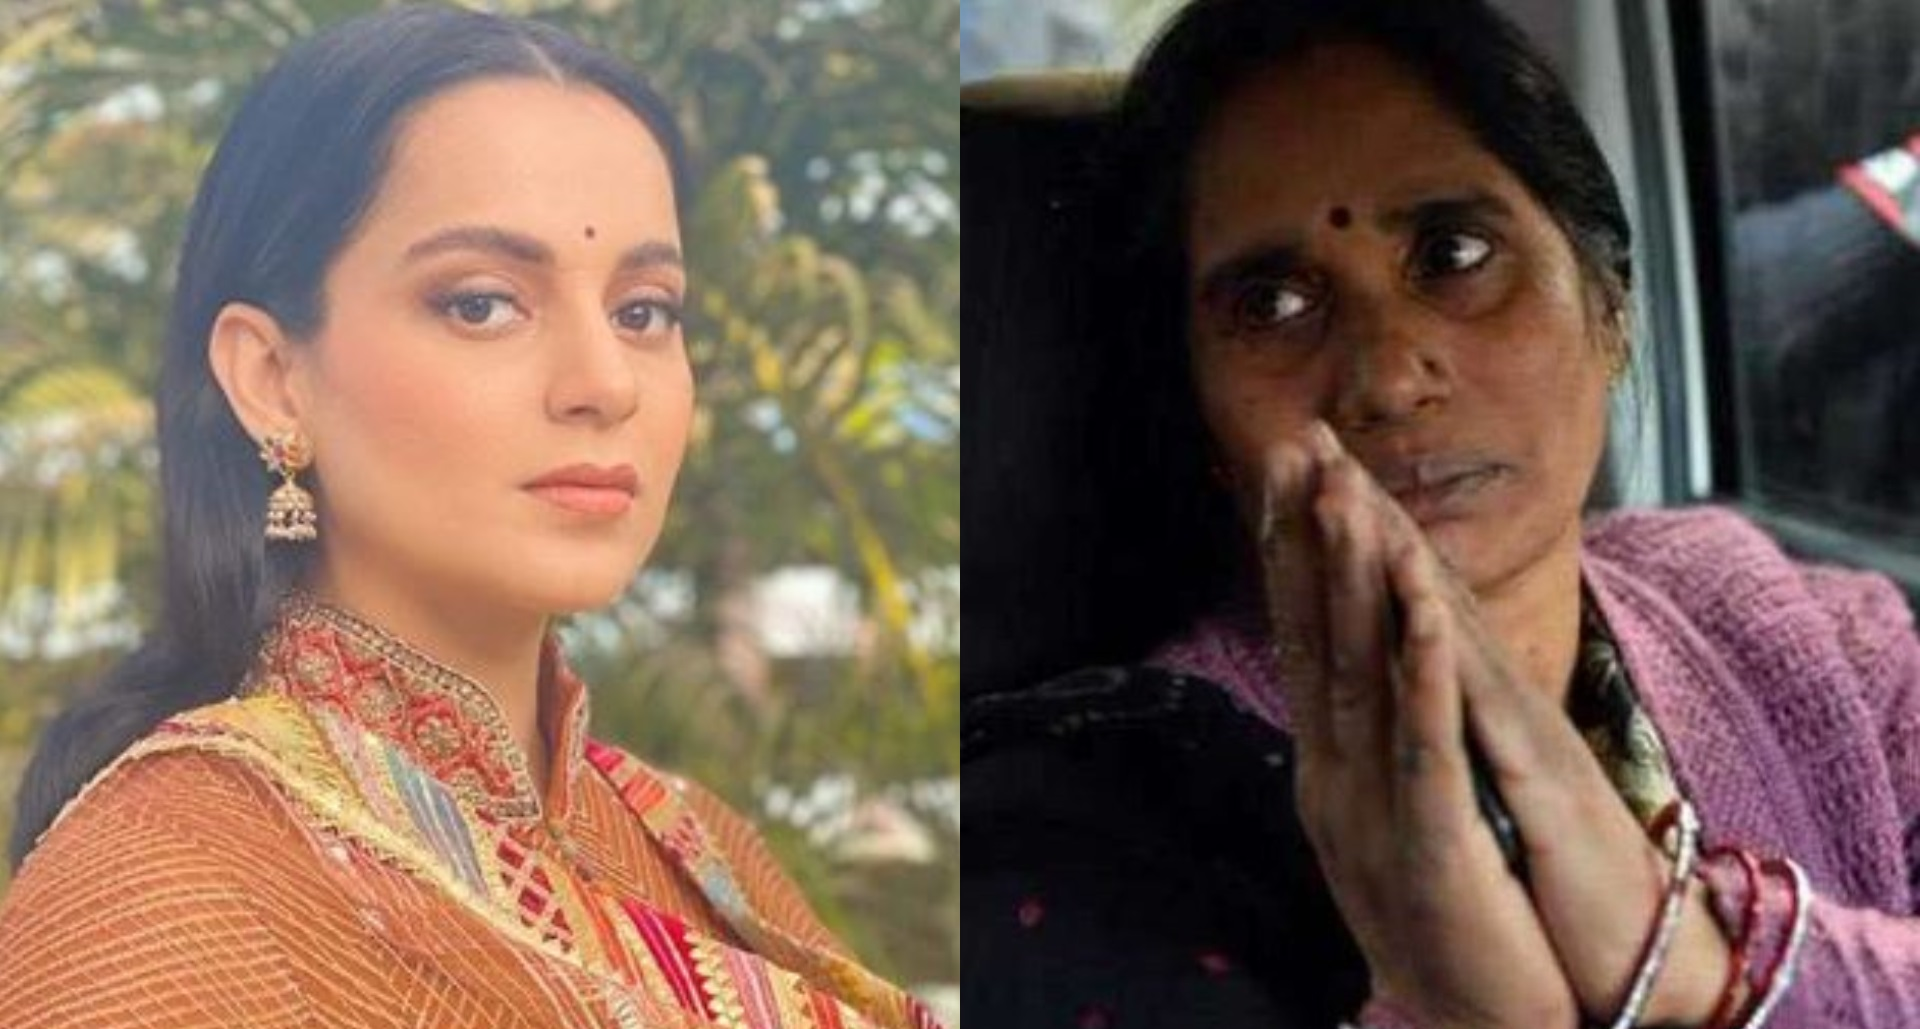 निर्भया की माँ ने जताई कंगना रनौत से सहमति, कहा, 'अच्छा हुआ इंदिरा जयसिंघ के खिलाफ किसीने कुछ कहा'